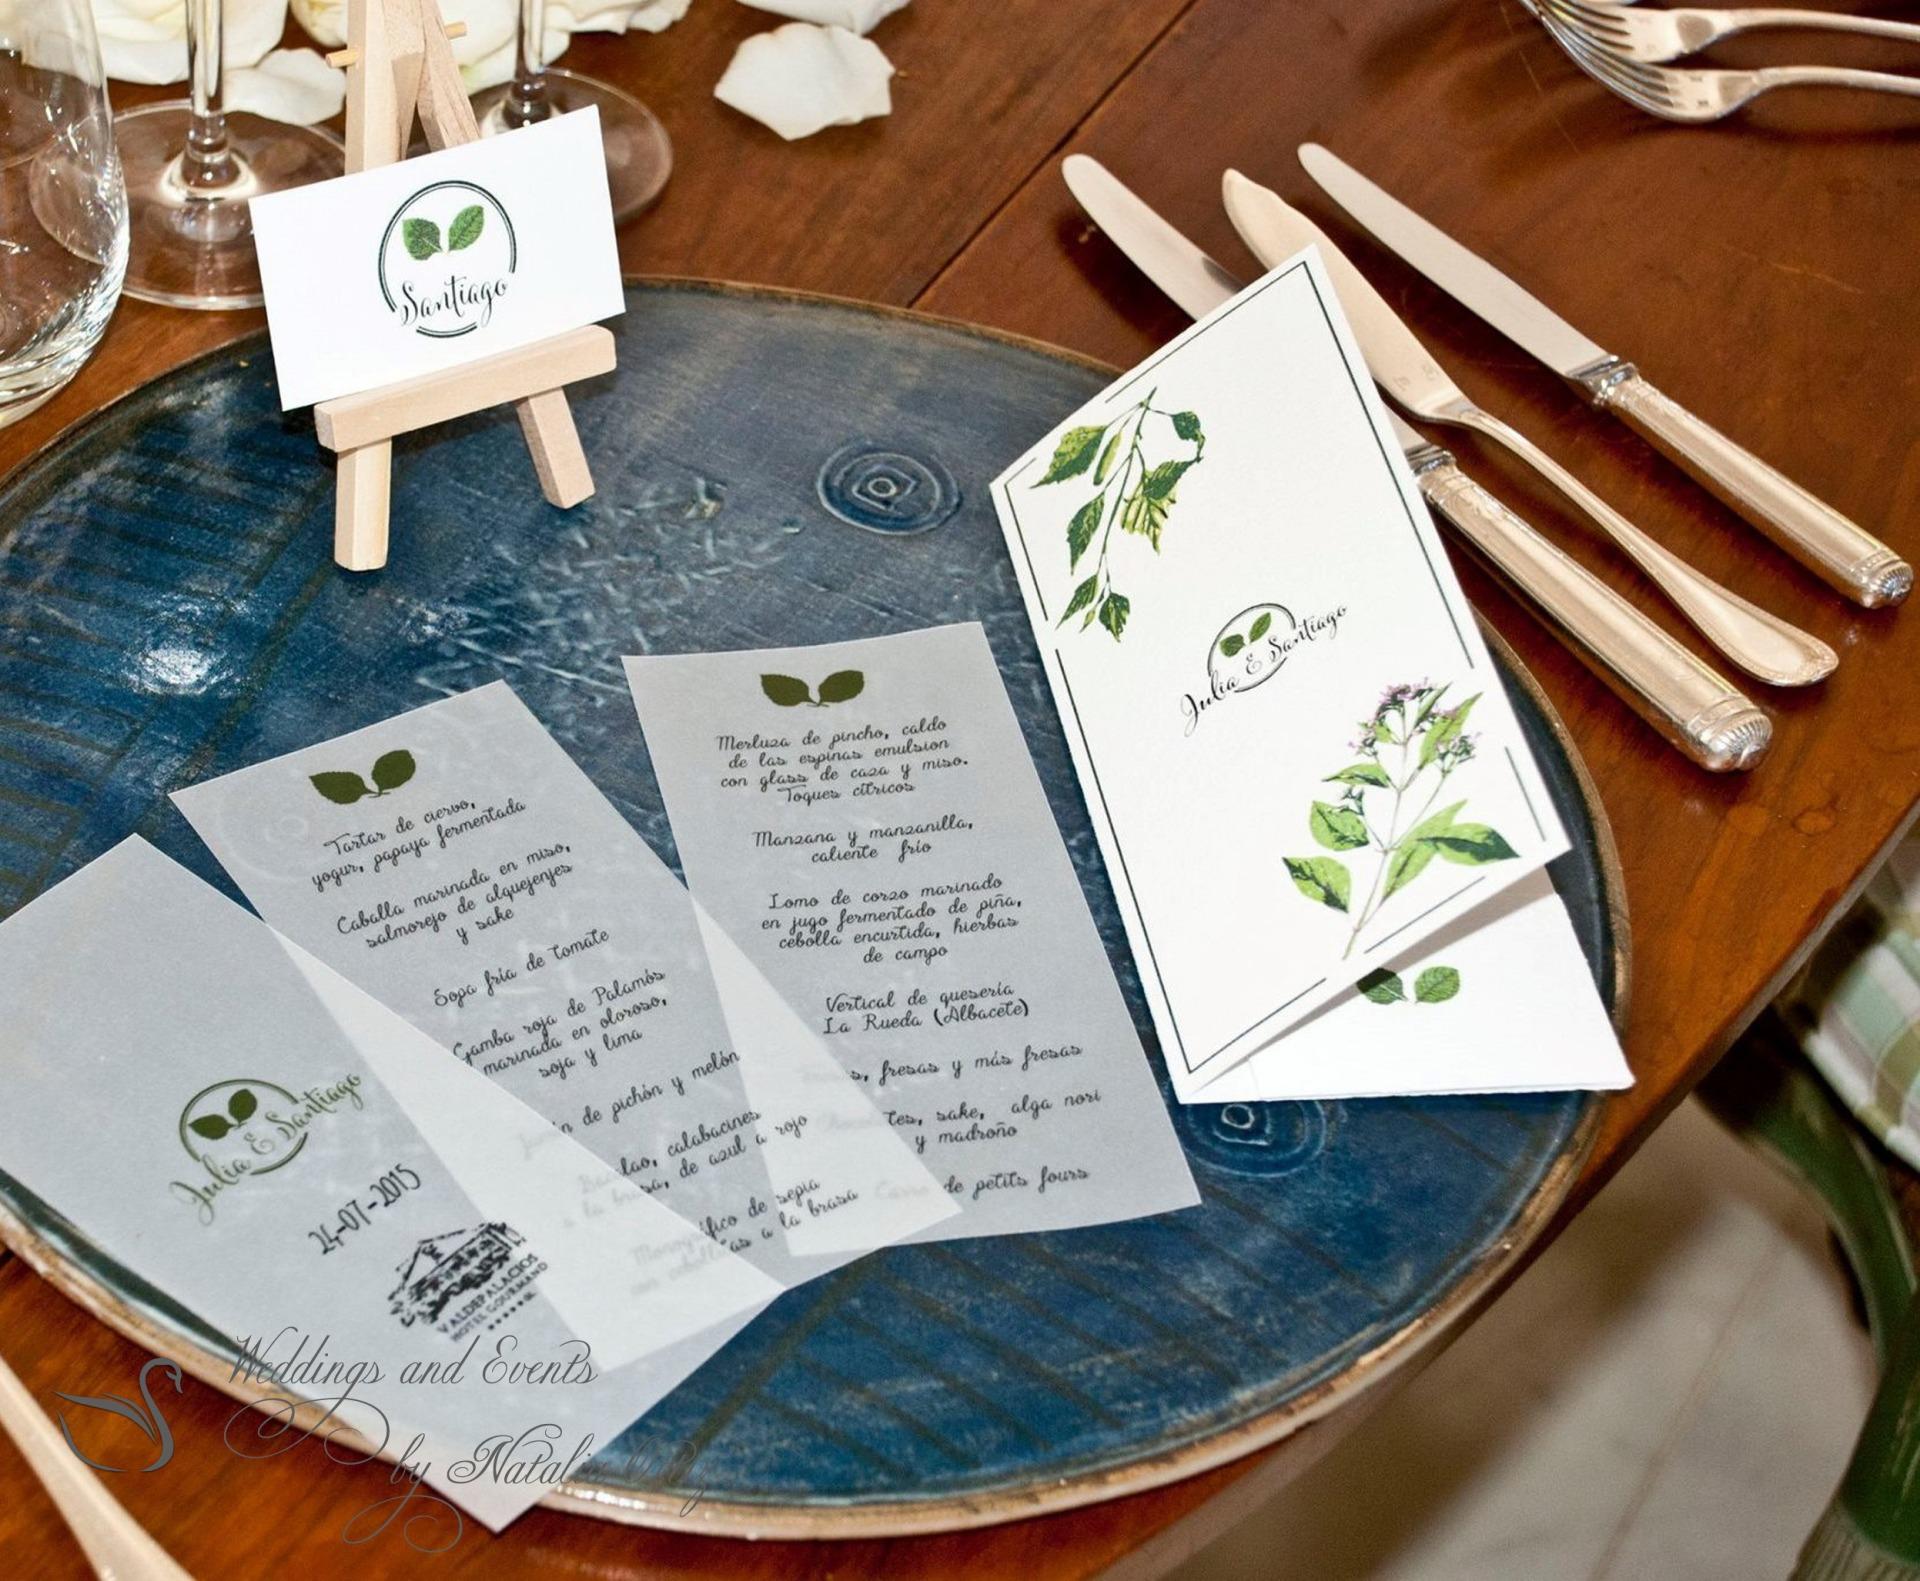 Ideas of a wedding decor.